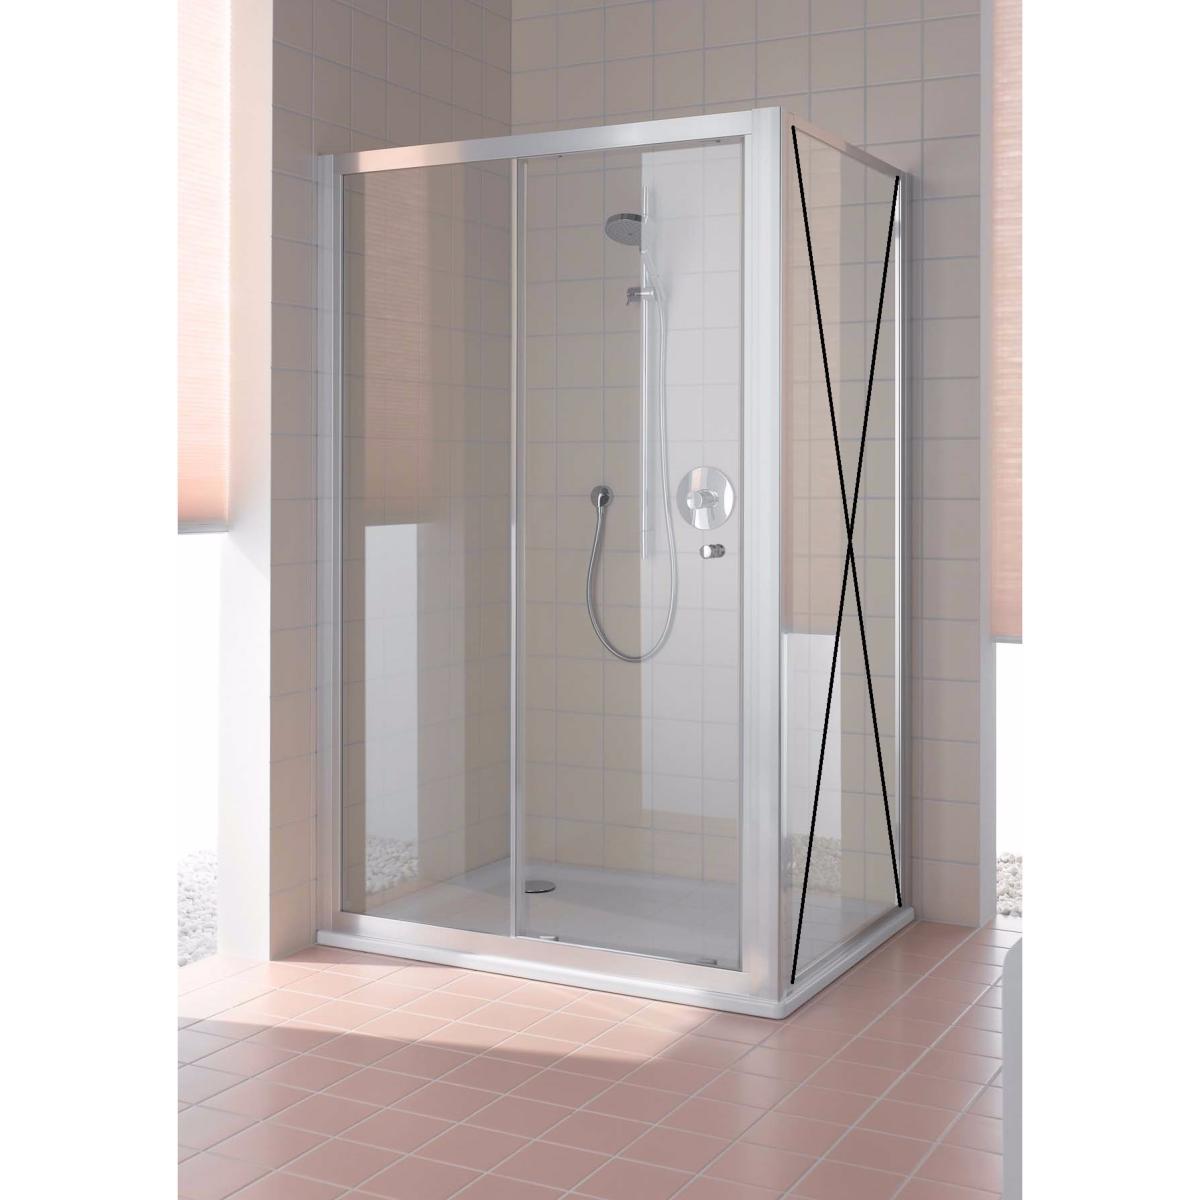 Paroi de douche a 1 porte coulissante grande largeur for Porte de douche rothalux